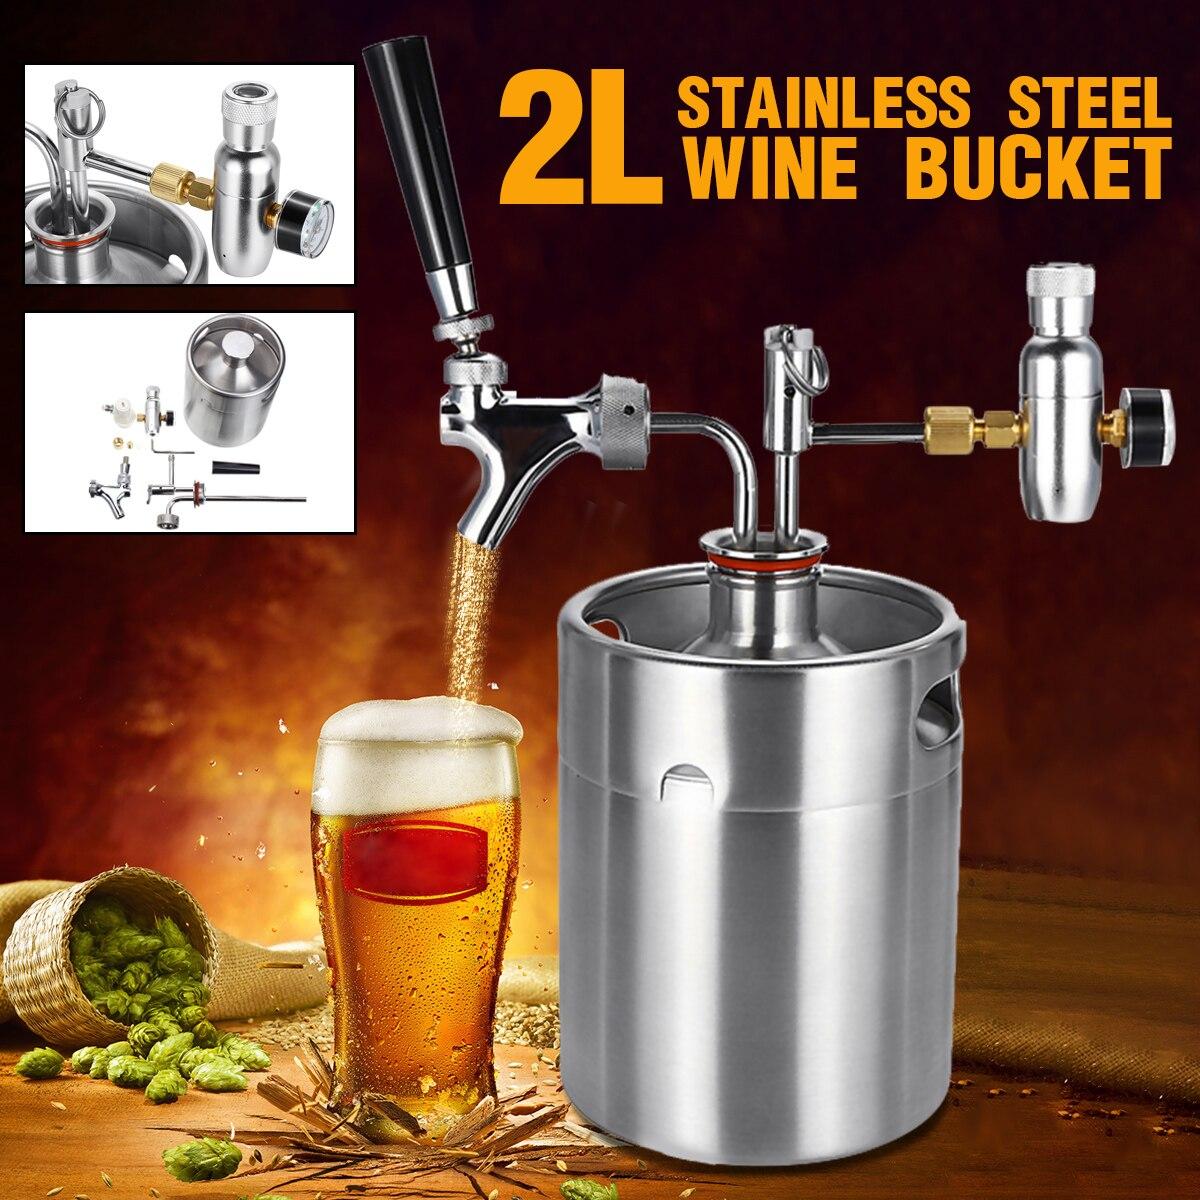 2L Durevole in Acciaio Inox Vino Barilotto di Birra Casa Dispenser di Birra Growler Birra Brewing Craft Mini Barilotto di Birra con Rubinetto Pressurizzato